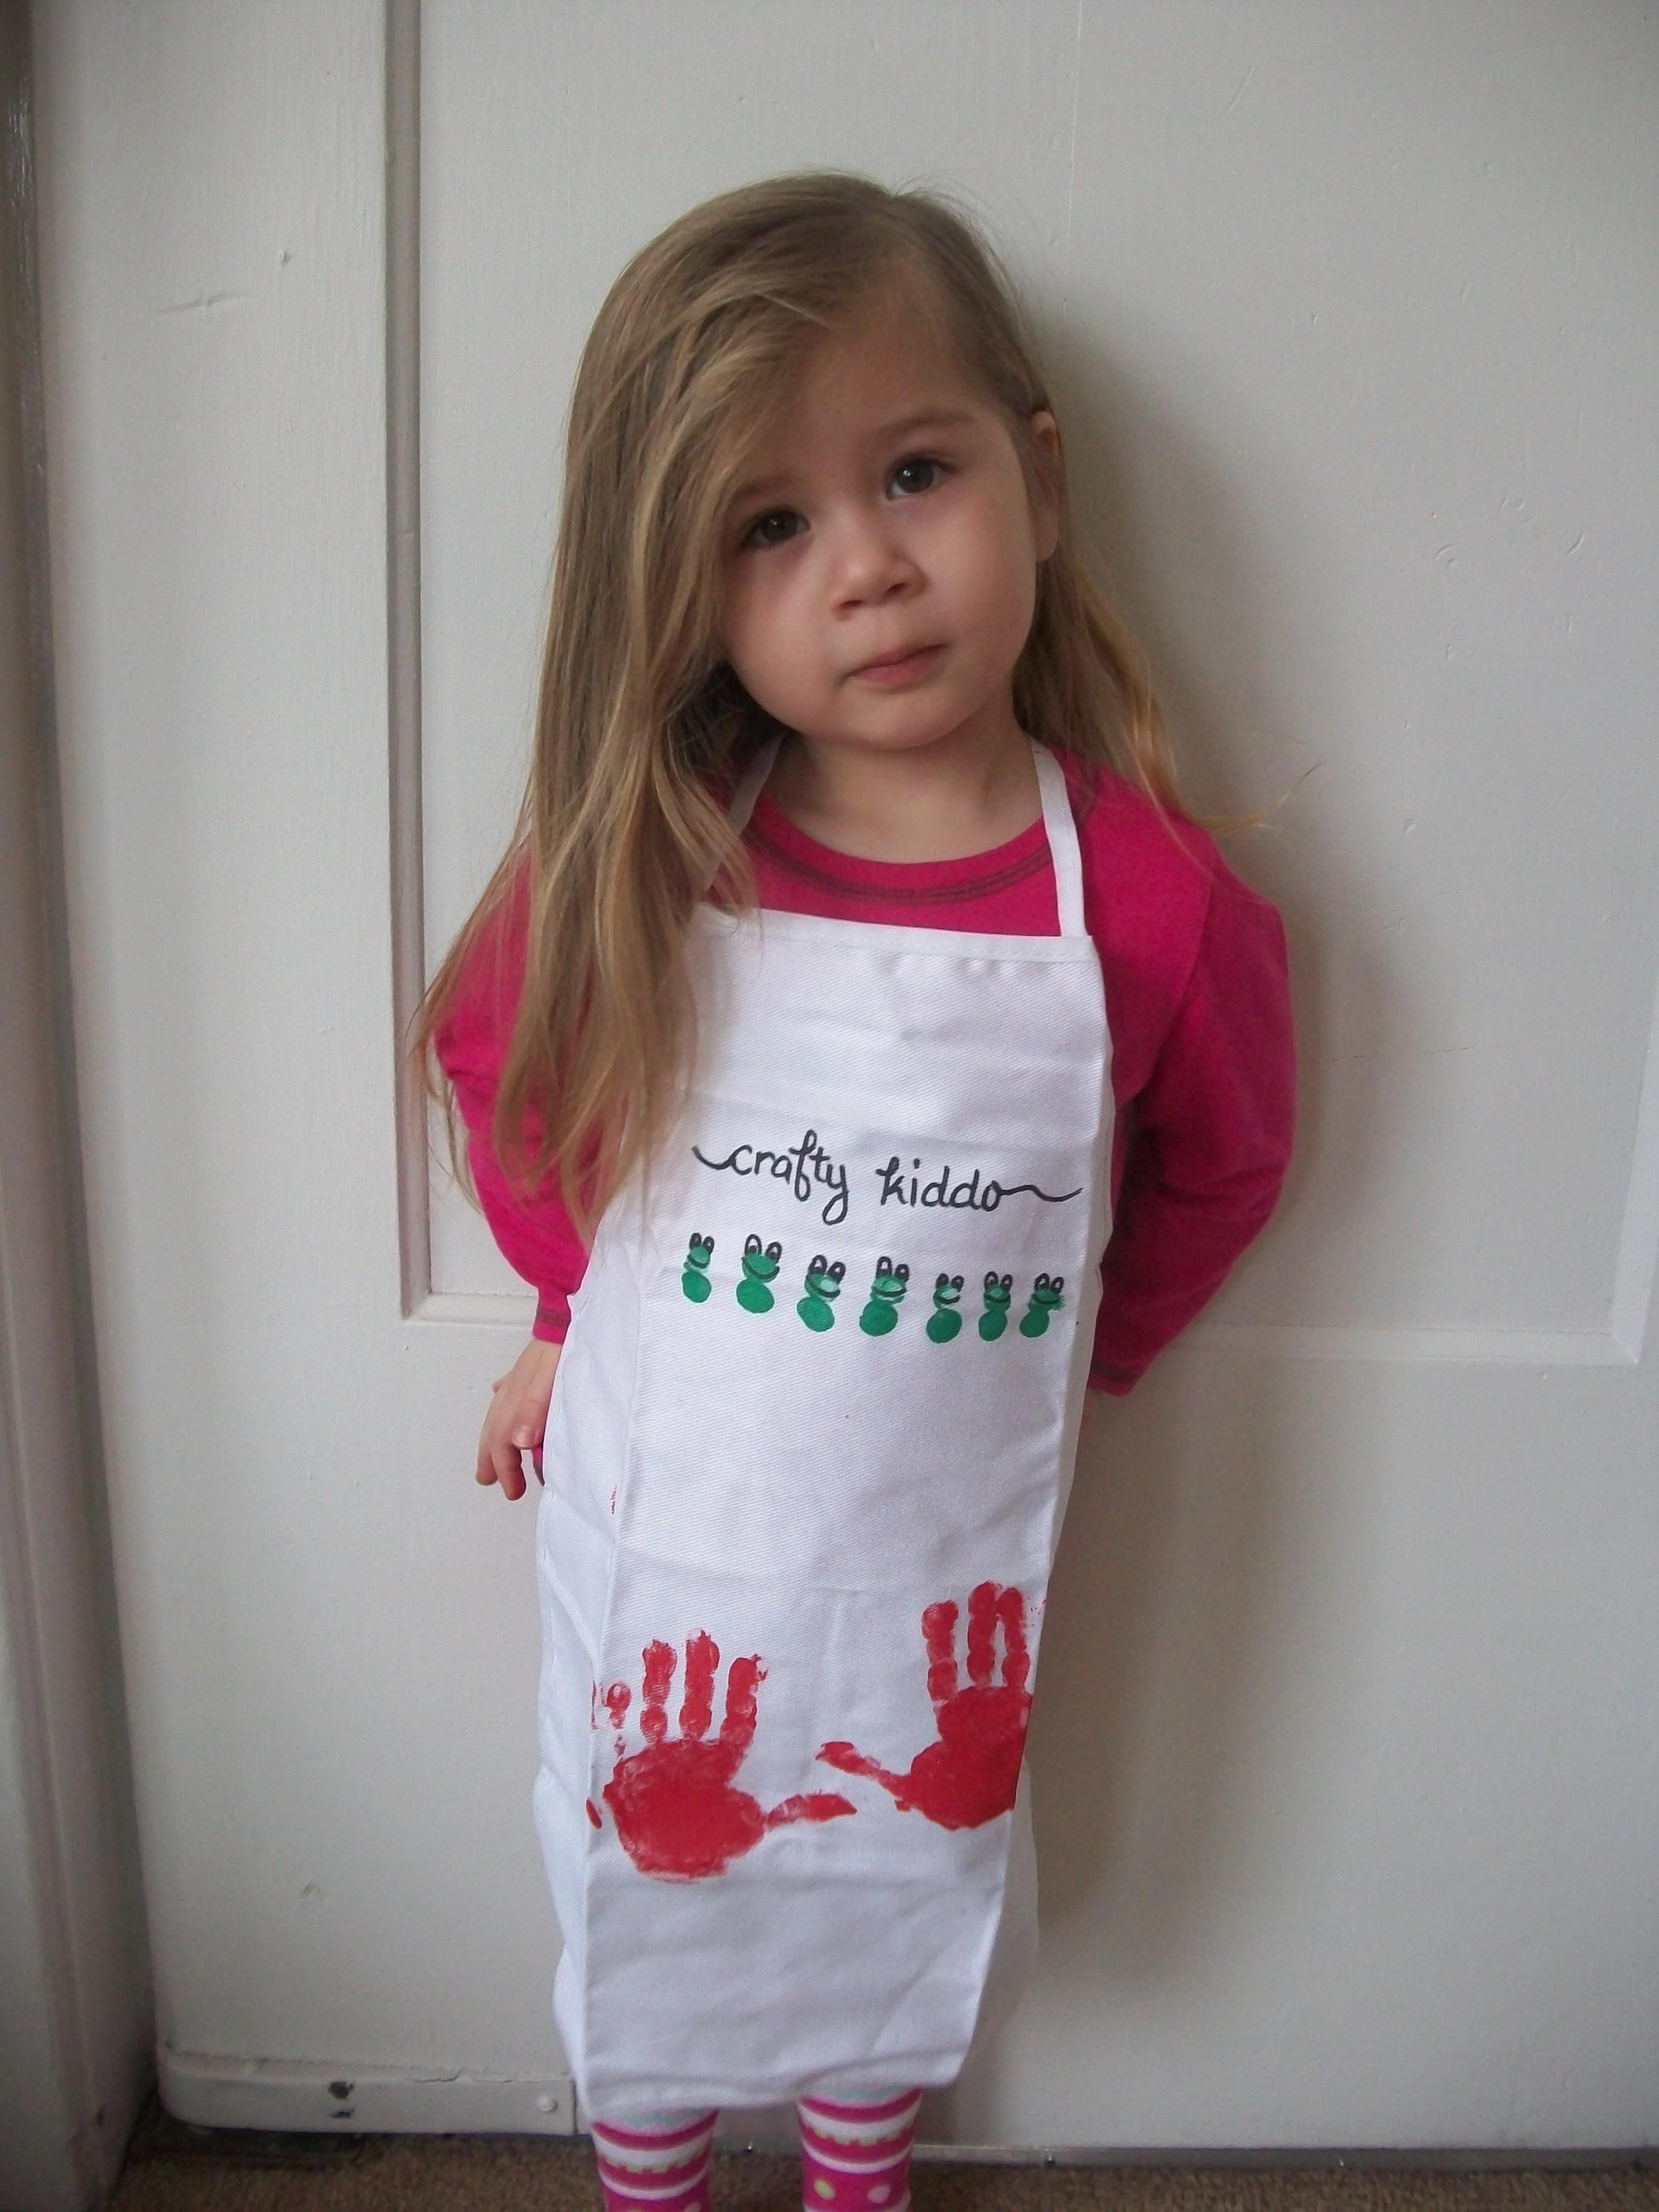 Super Cute Craft Apron That Kids Can Help Decorate